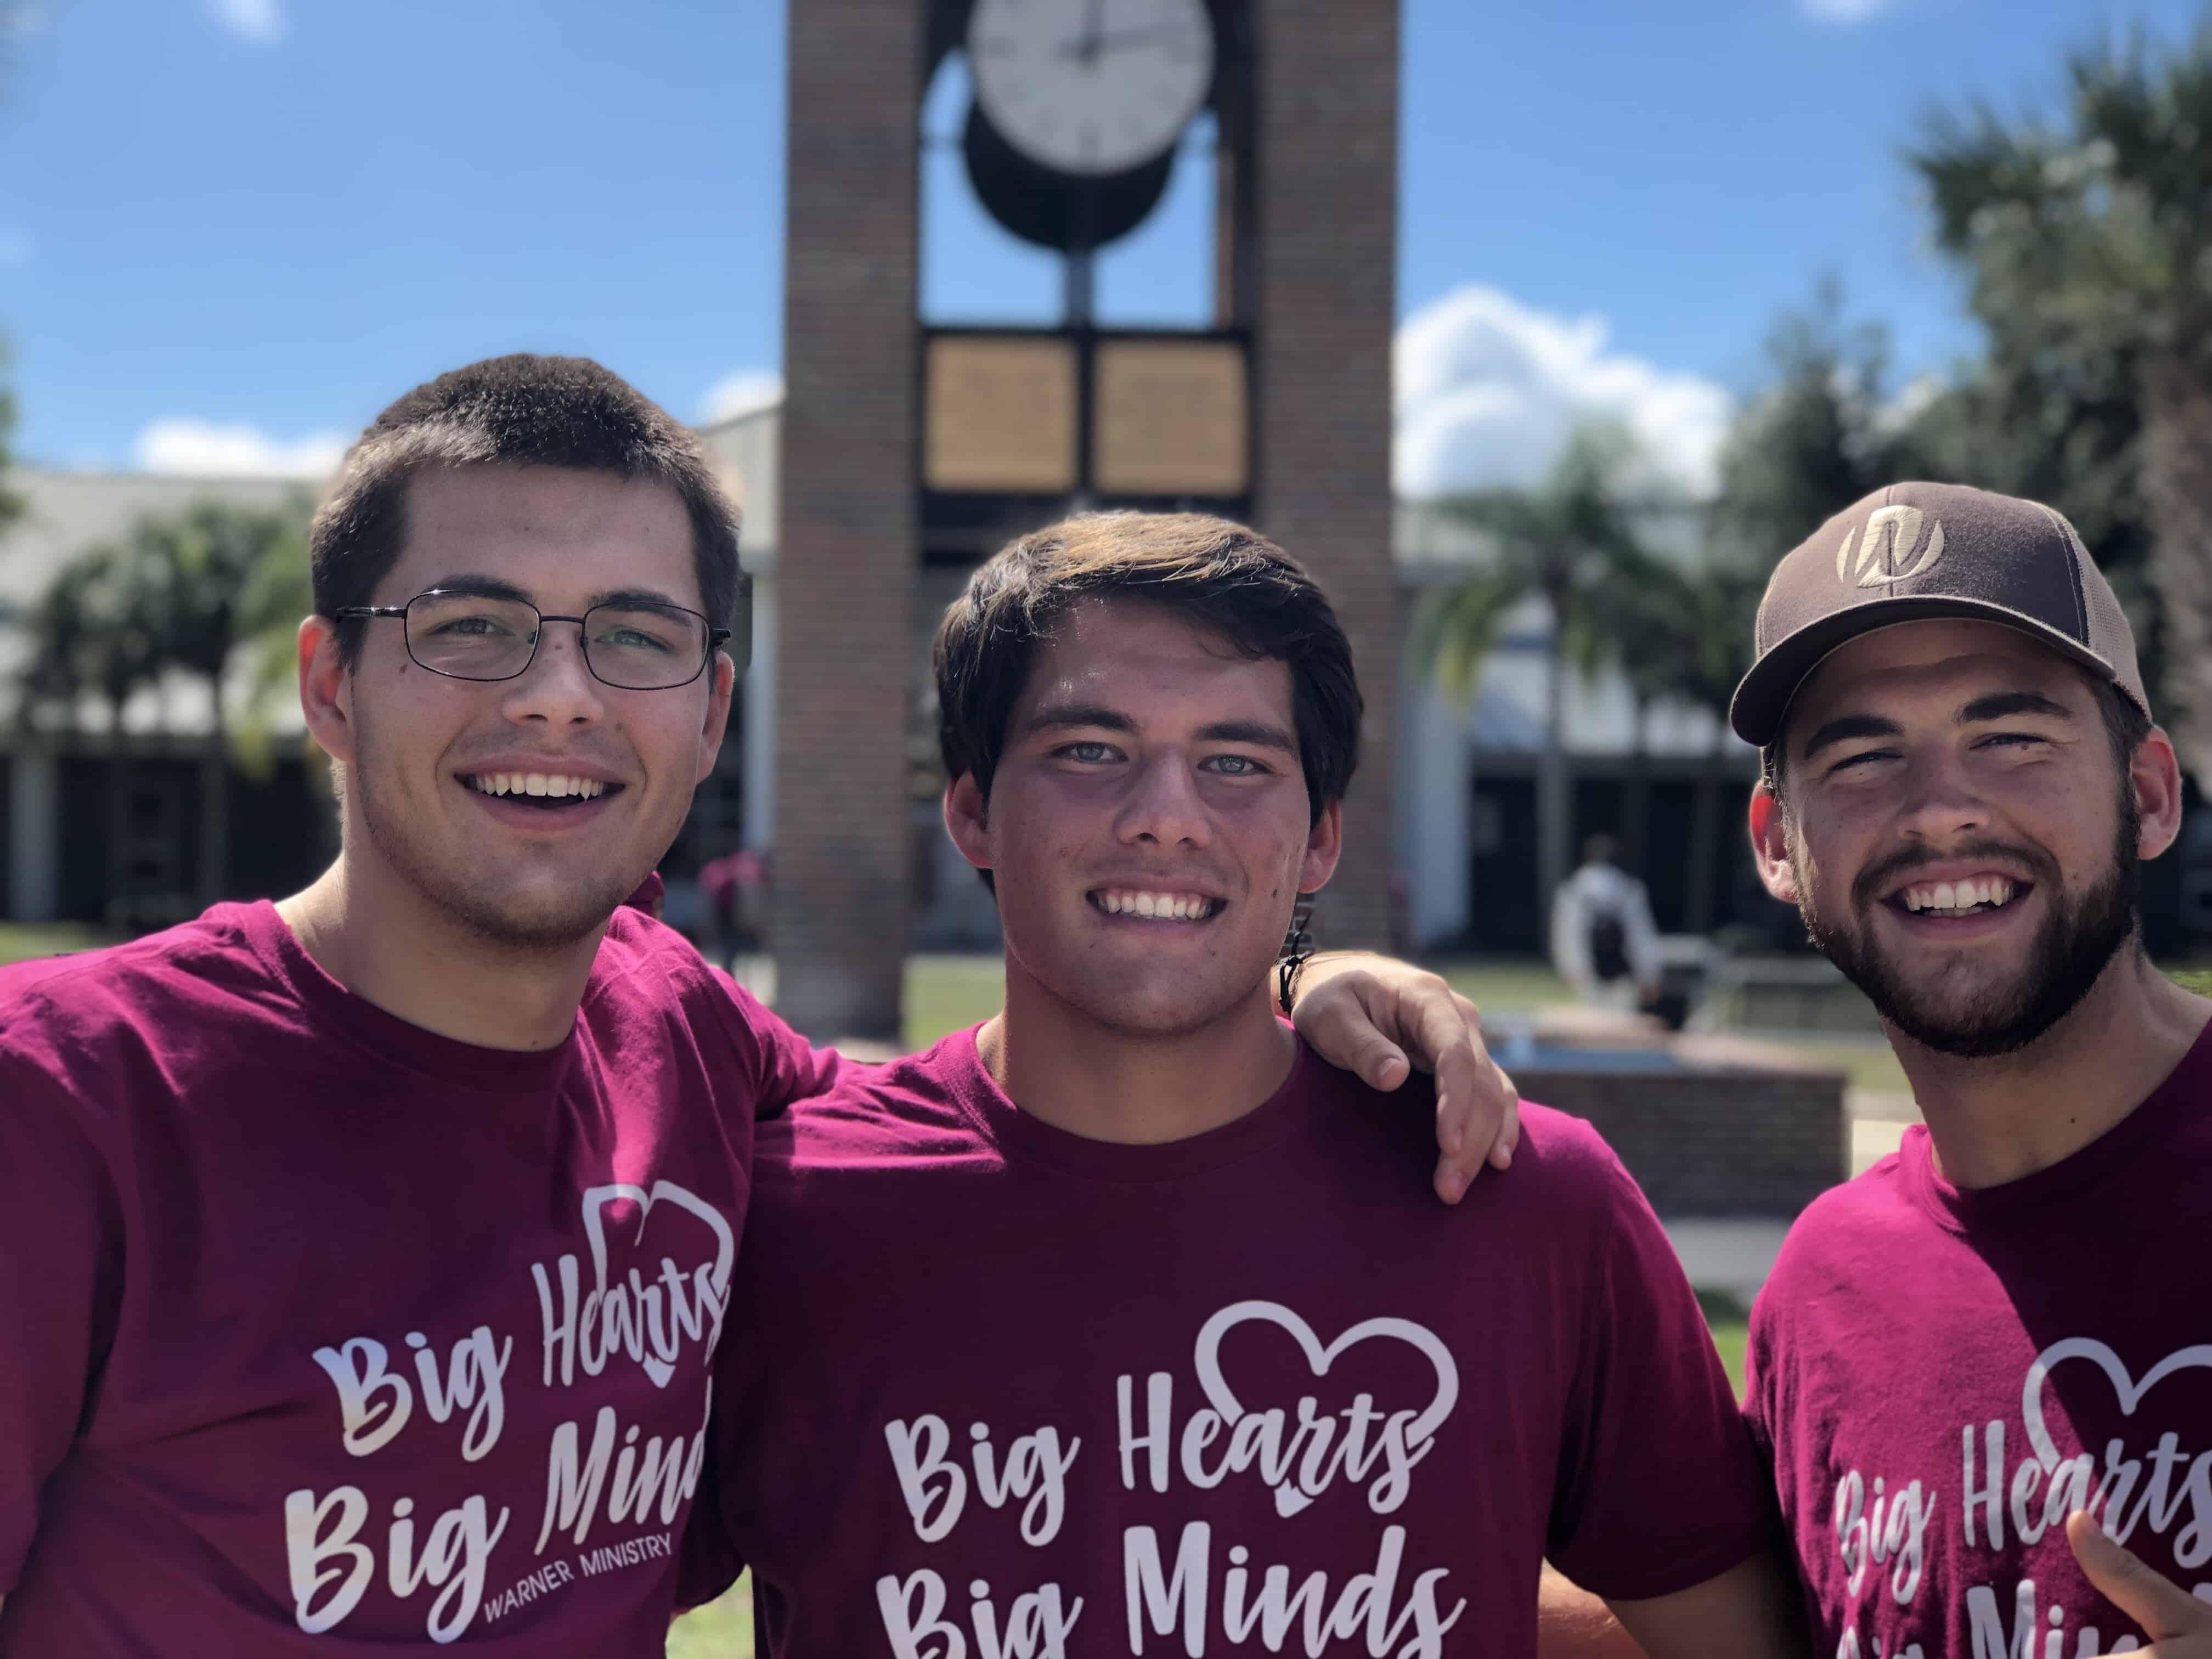 Big Hearts, Big Minds